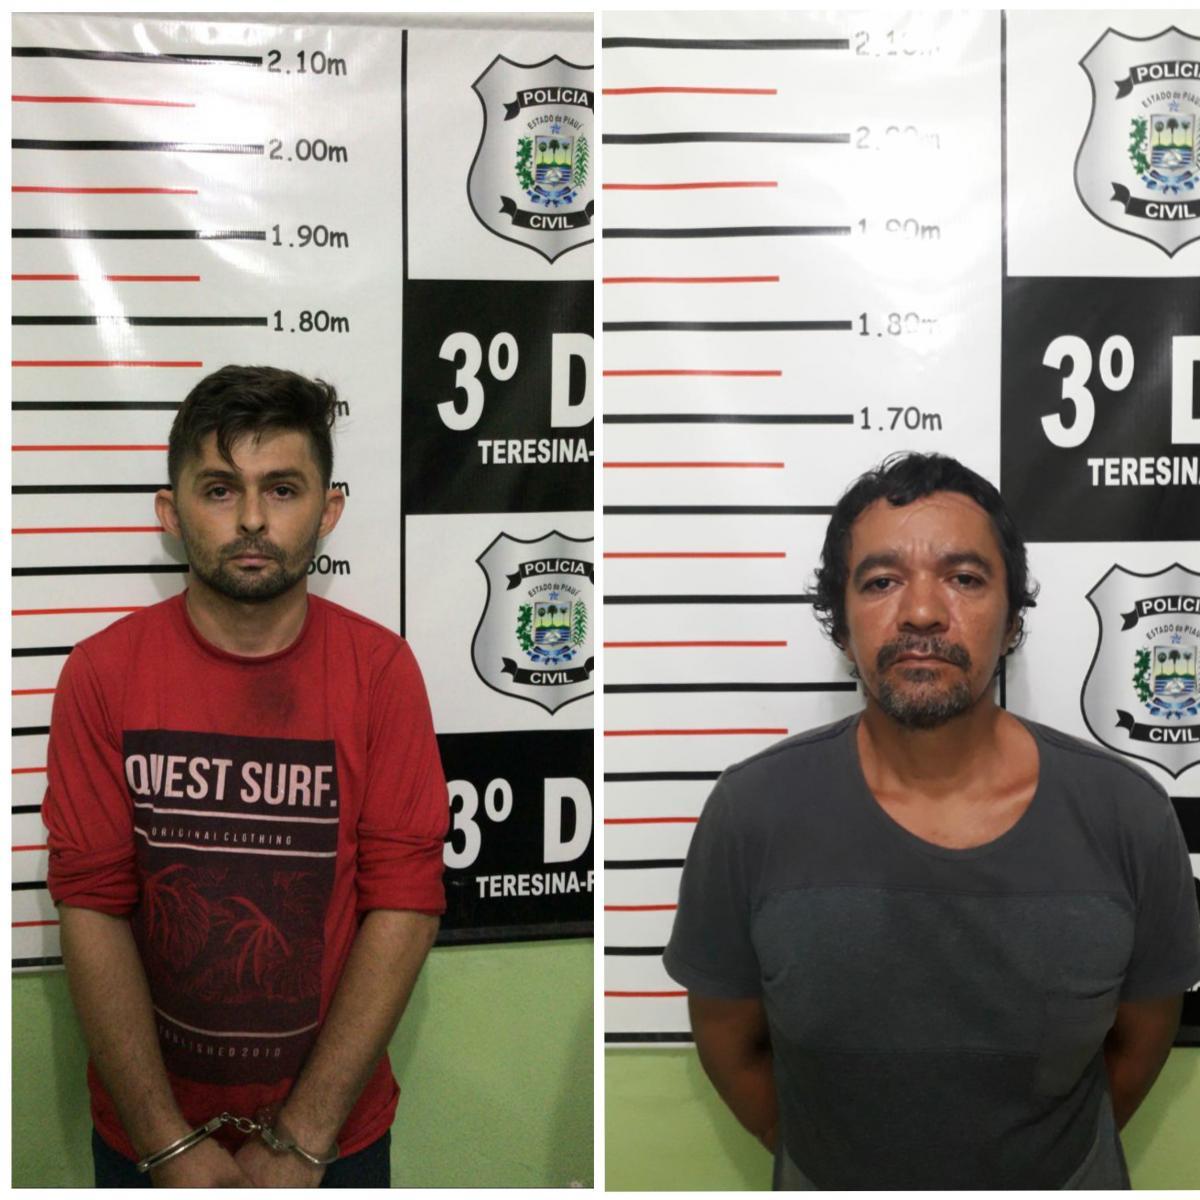 SSP cumpre mandado de prisão a dois homens na manhã de terça-feira (19)